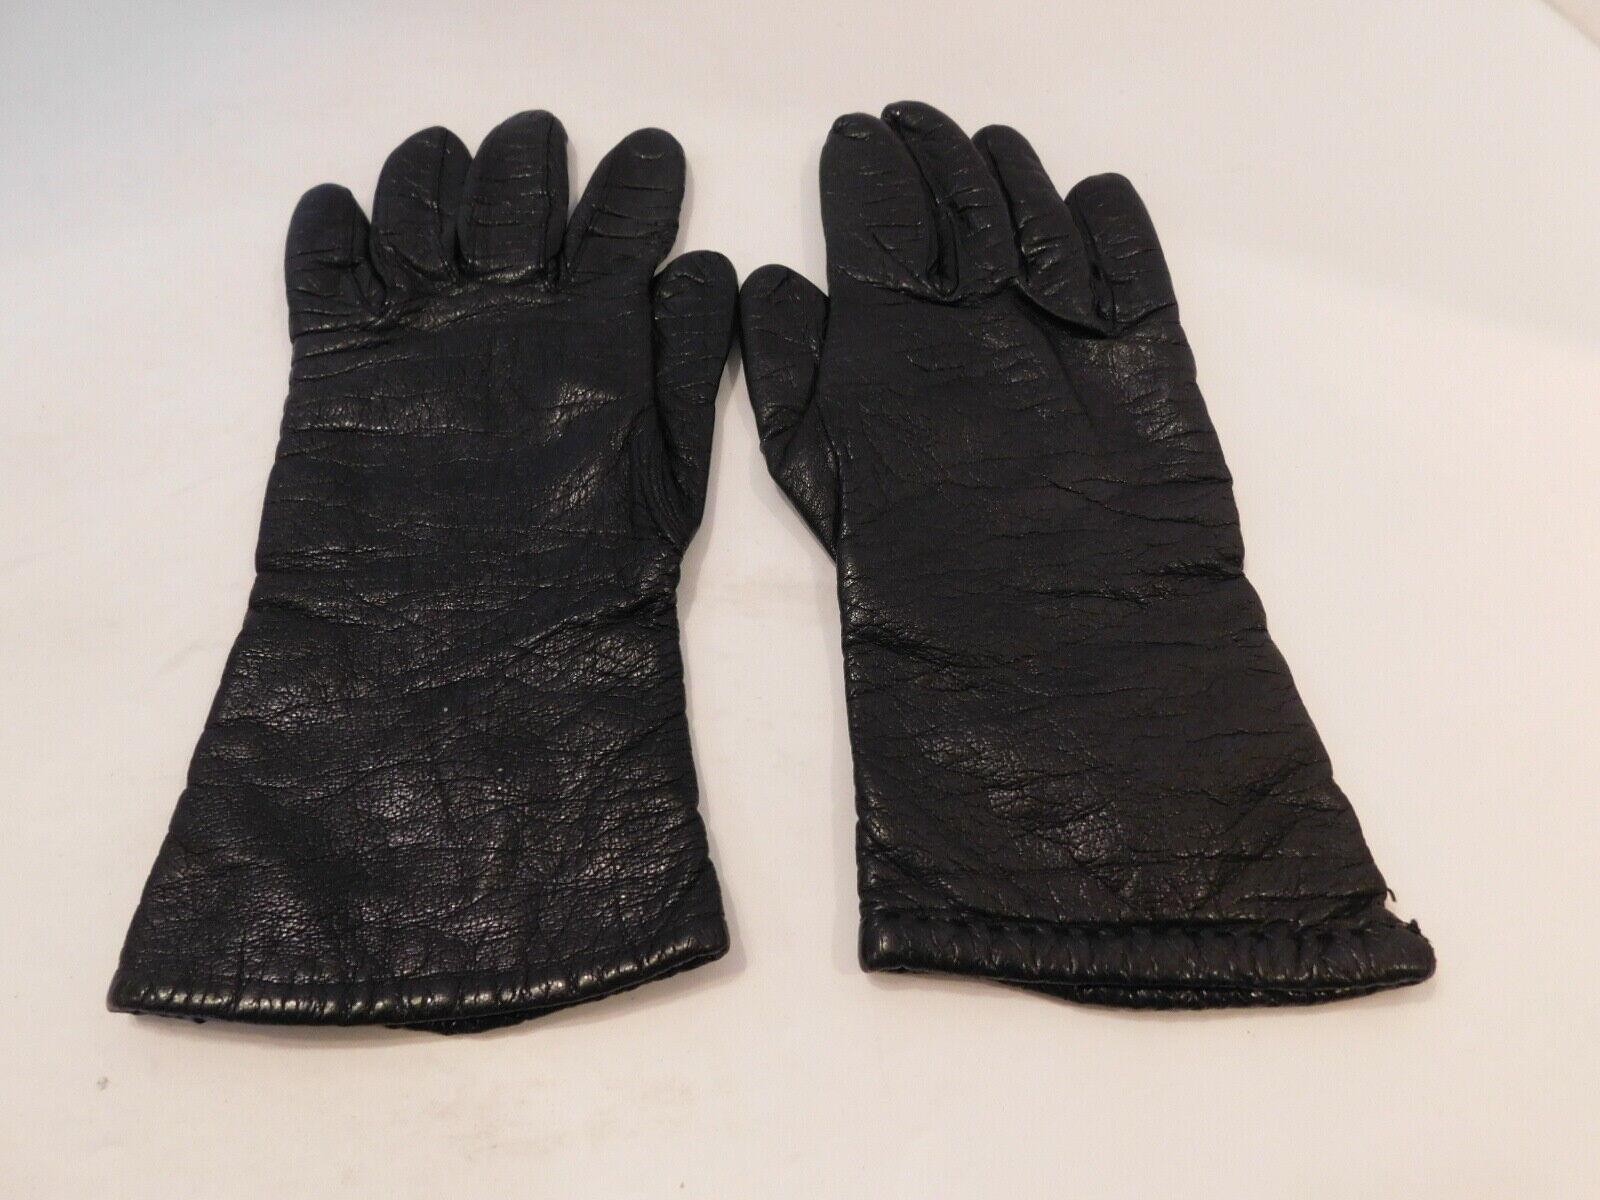 * SAKS FIFTH AVENUE femme en cuir Noir Hiver Gants Cachemire Doublure Taille 6.5